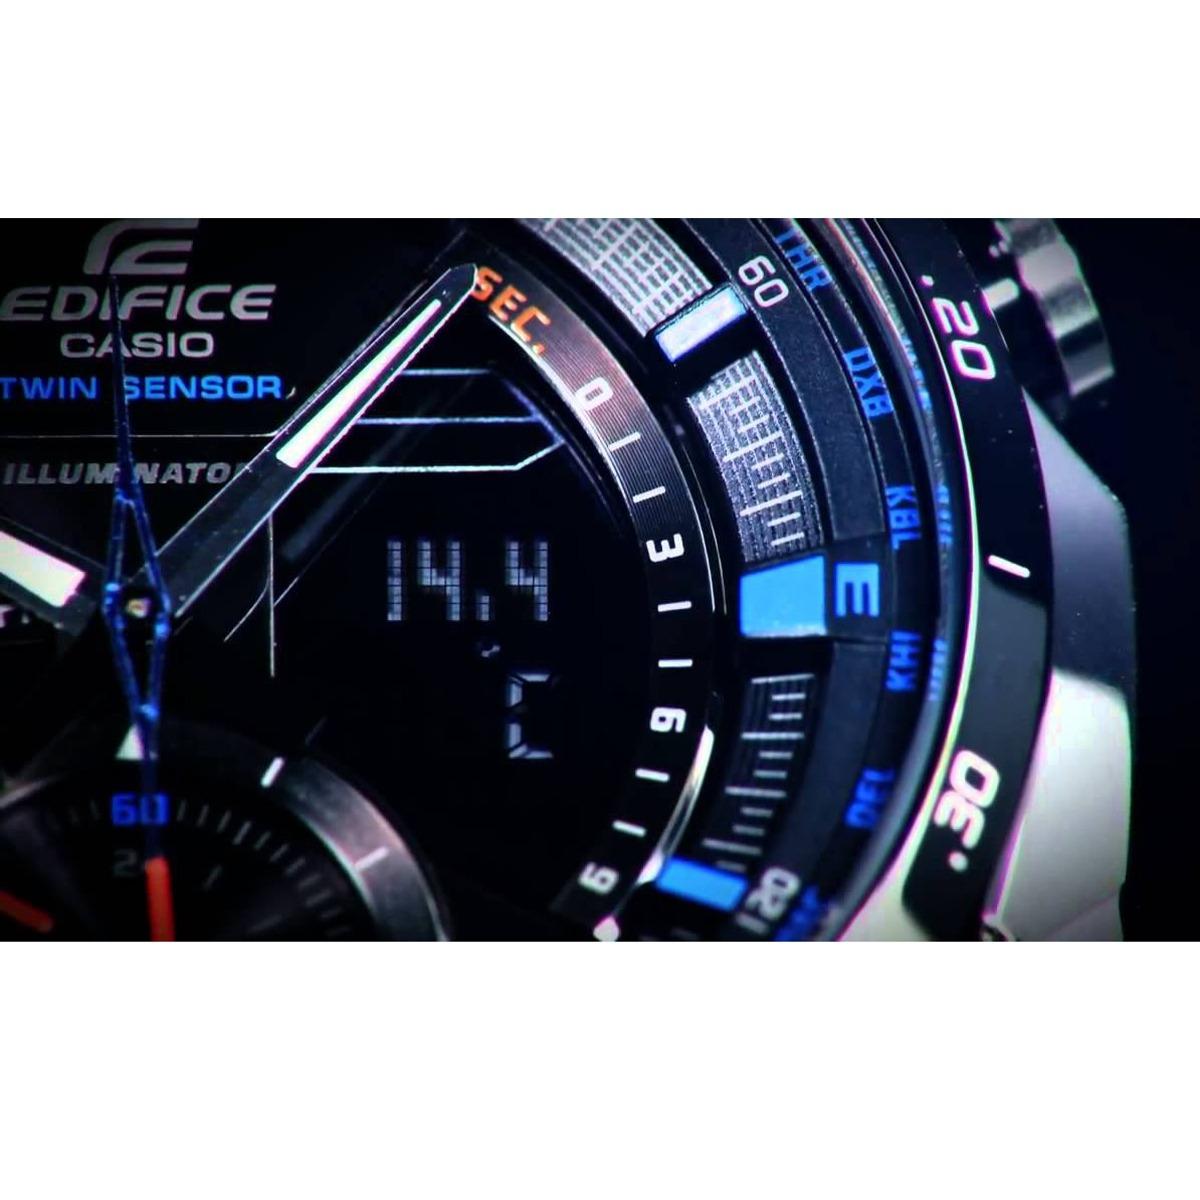 e55adffb28ed relógio casio edifice twin sensor cronógrafo anadigi masculi. Carregando  zoom... relógio casio masculi. Carregando zoom.